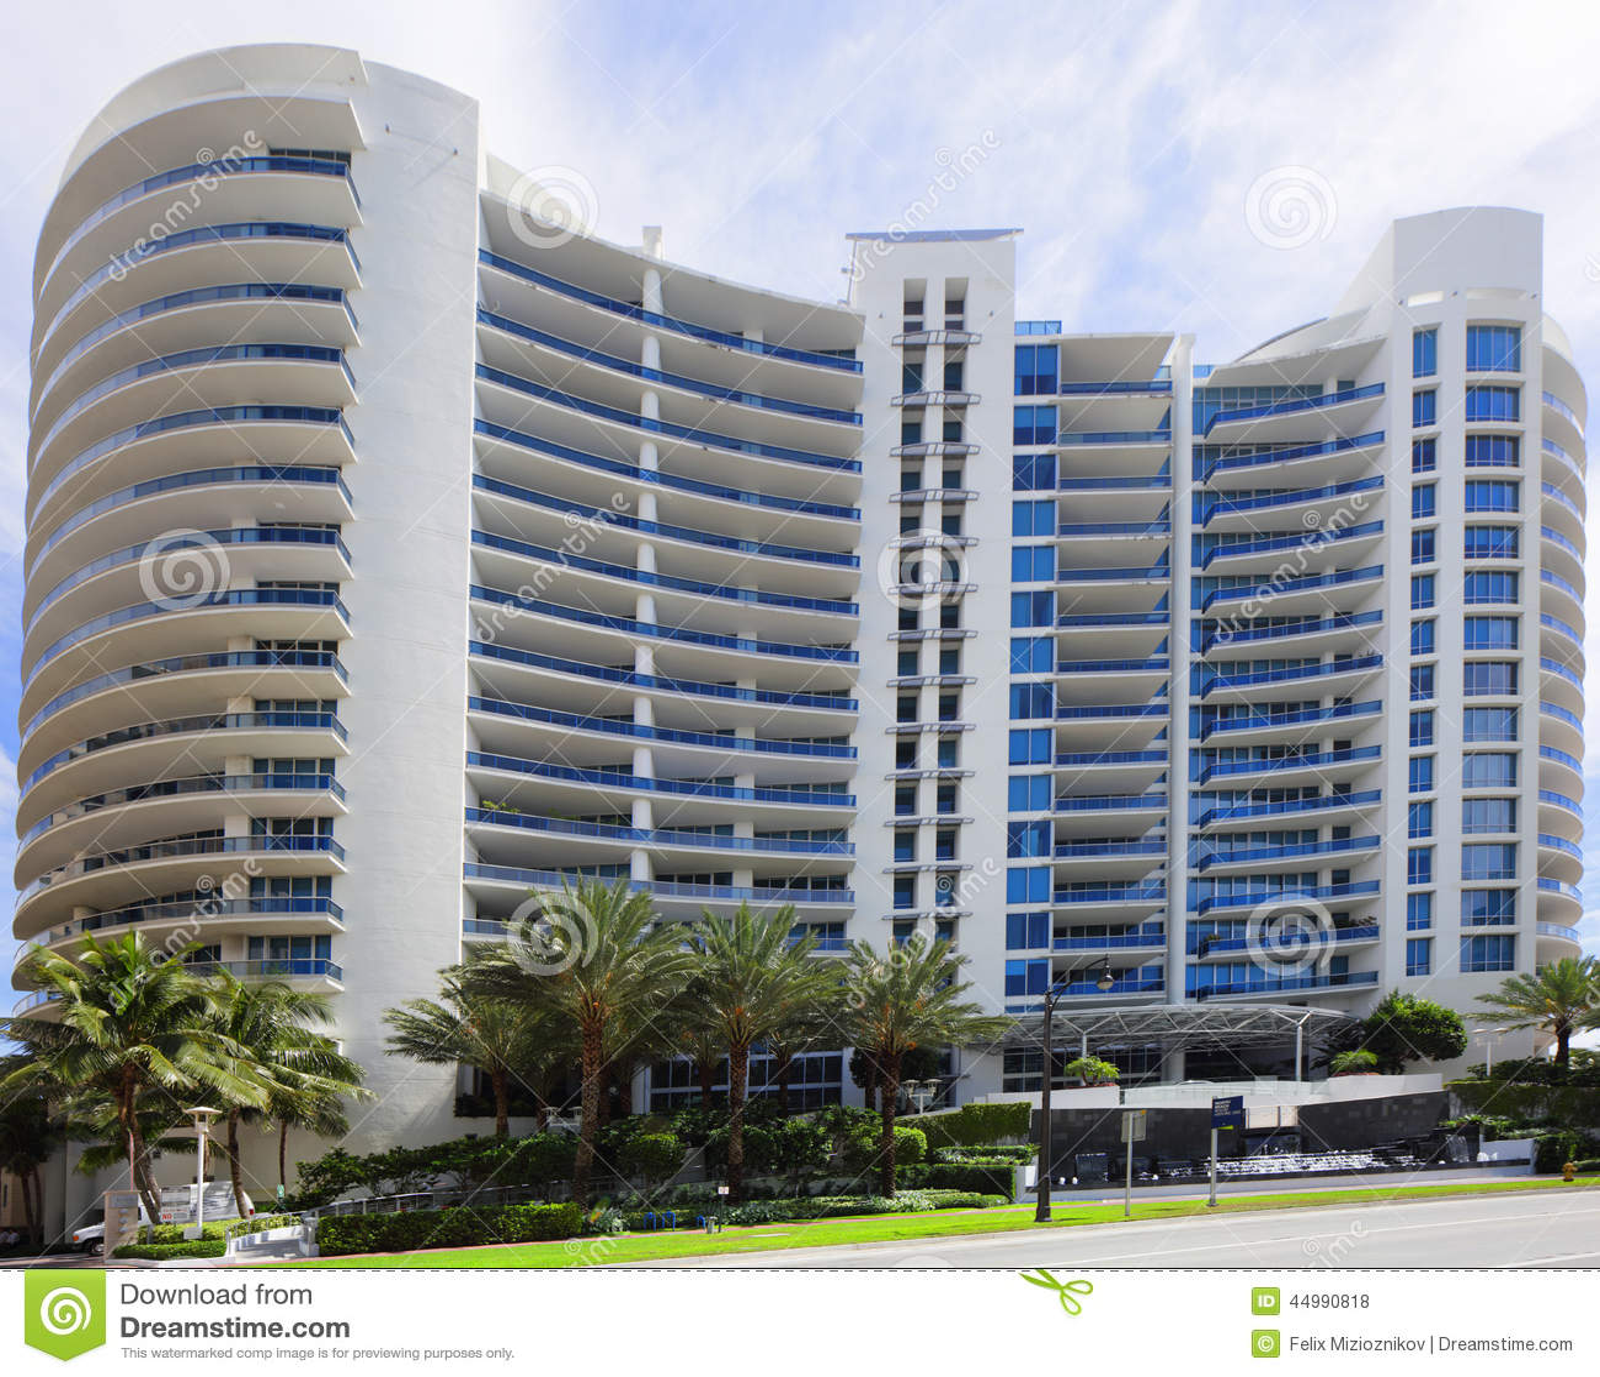 Condominium: Bath House Miami Beach Condominium Editorial Stock Photo